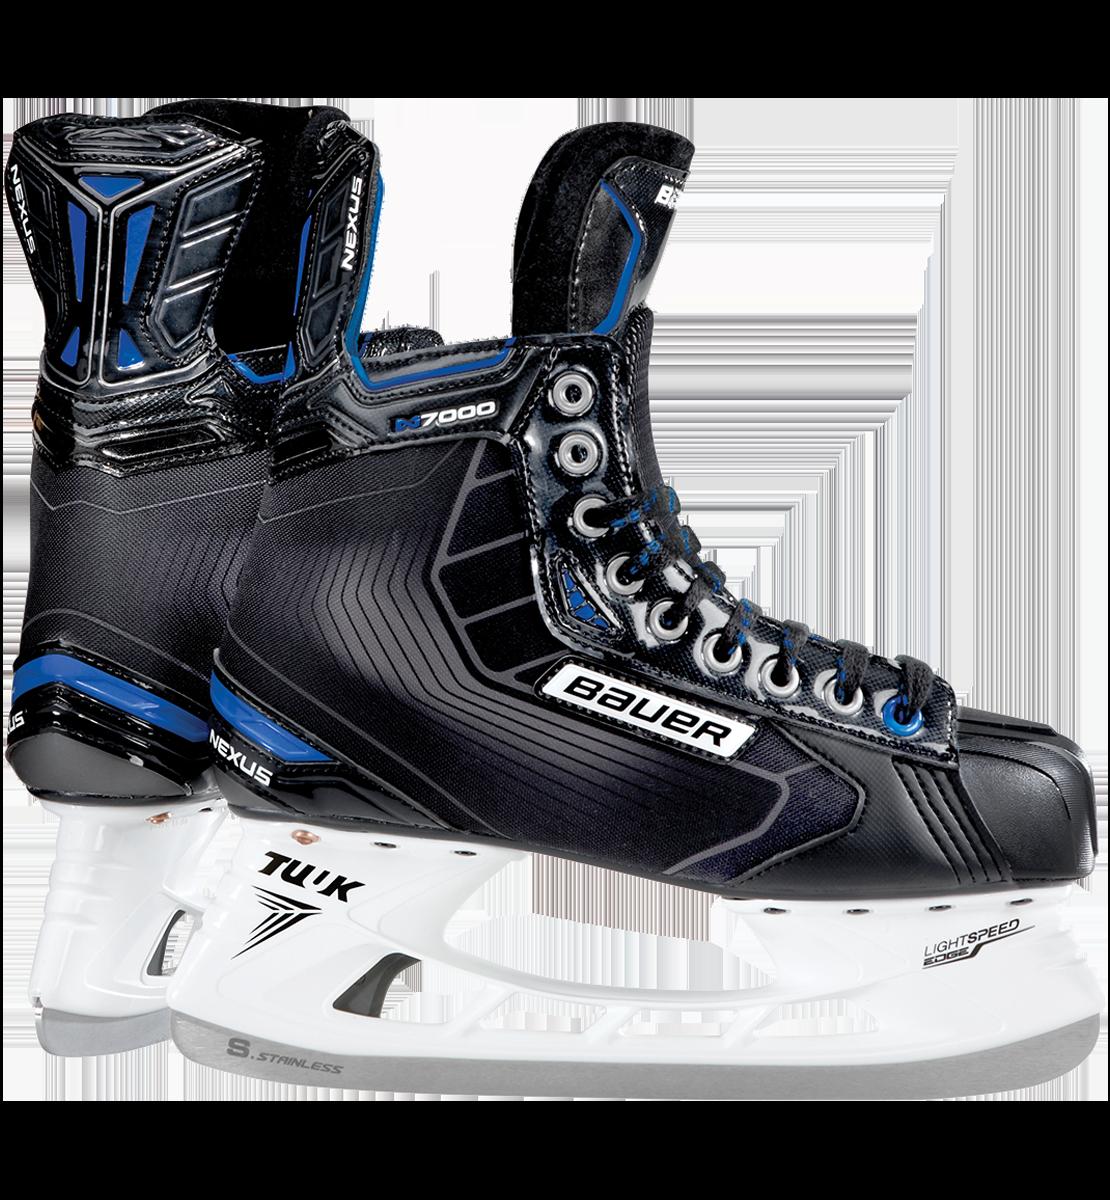 Bauer N7000 Skate - Hockey Skates PNG